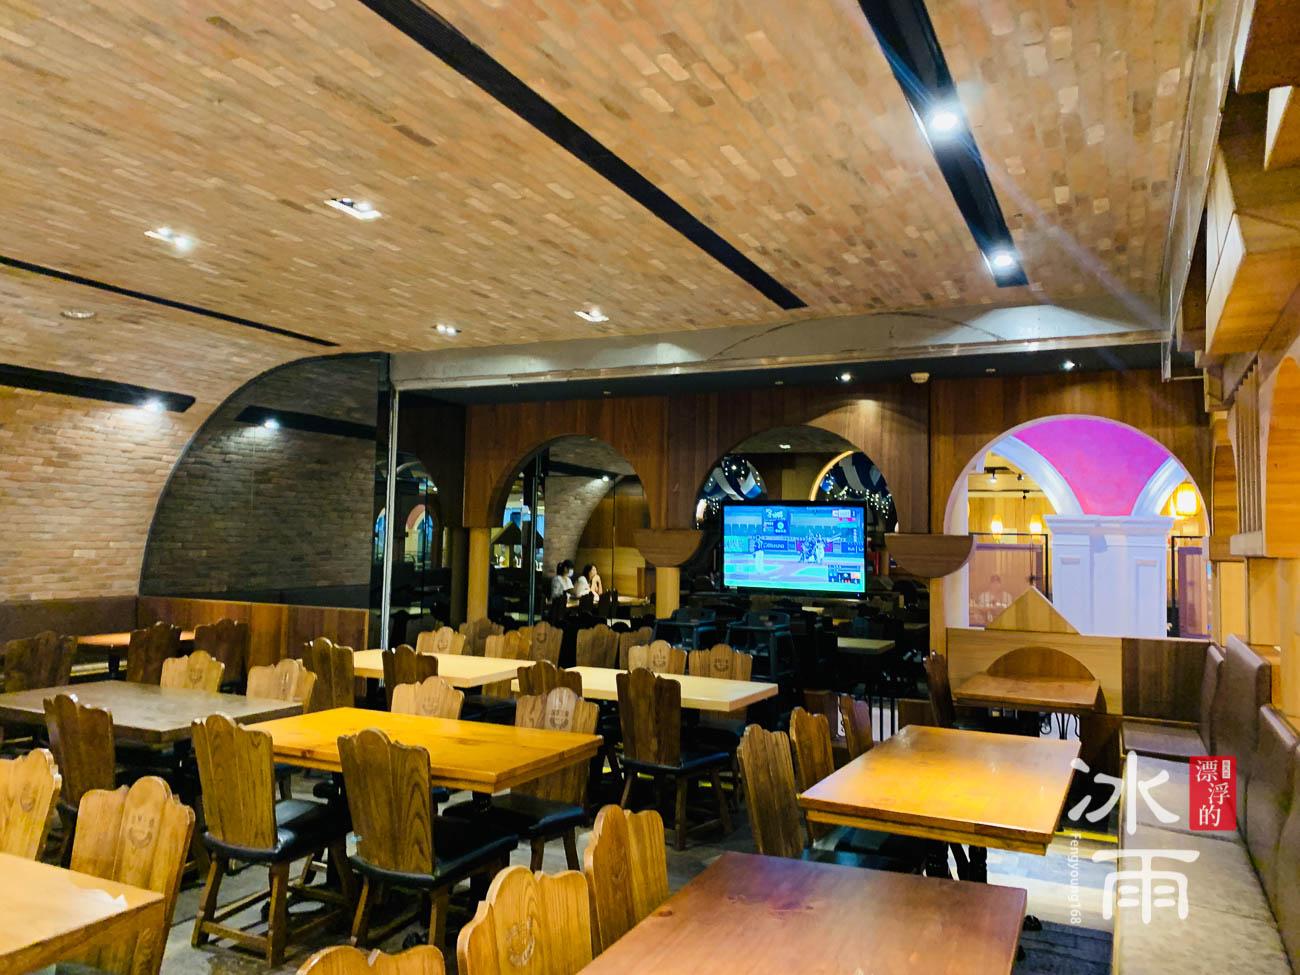 金色三麥板橋大遠百店內部空間裝潢風格